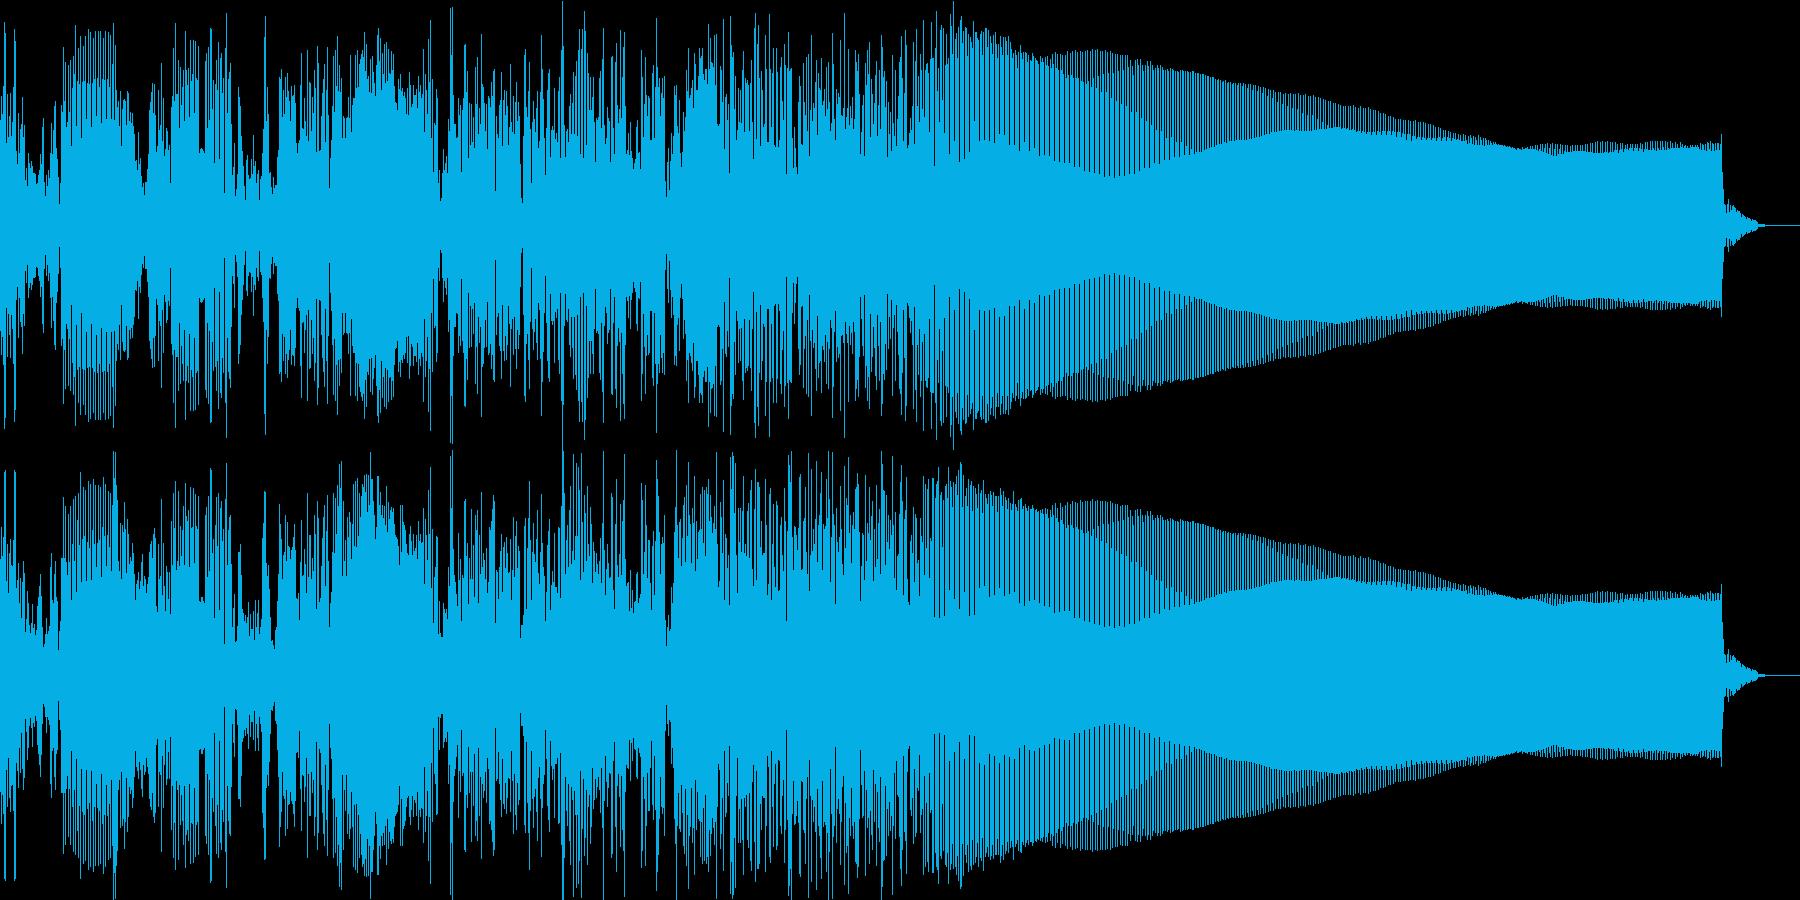 場面の切り替えなどに使いやすいジングルの再生済みの波形